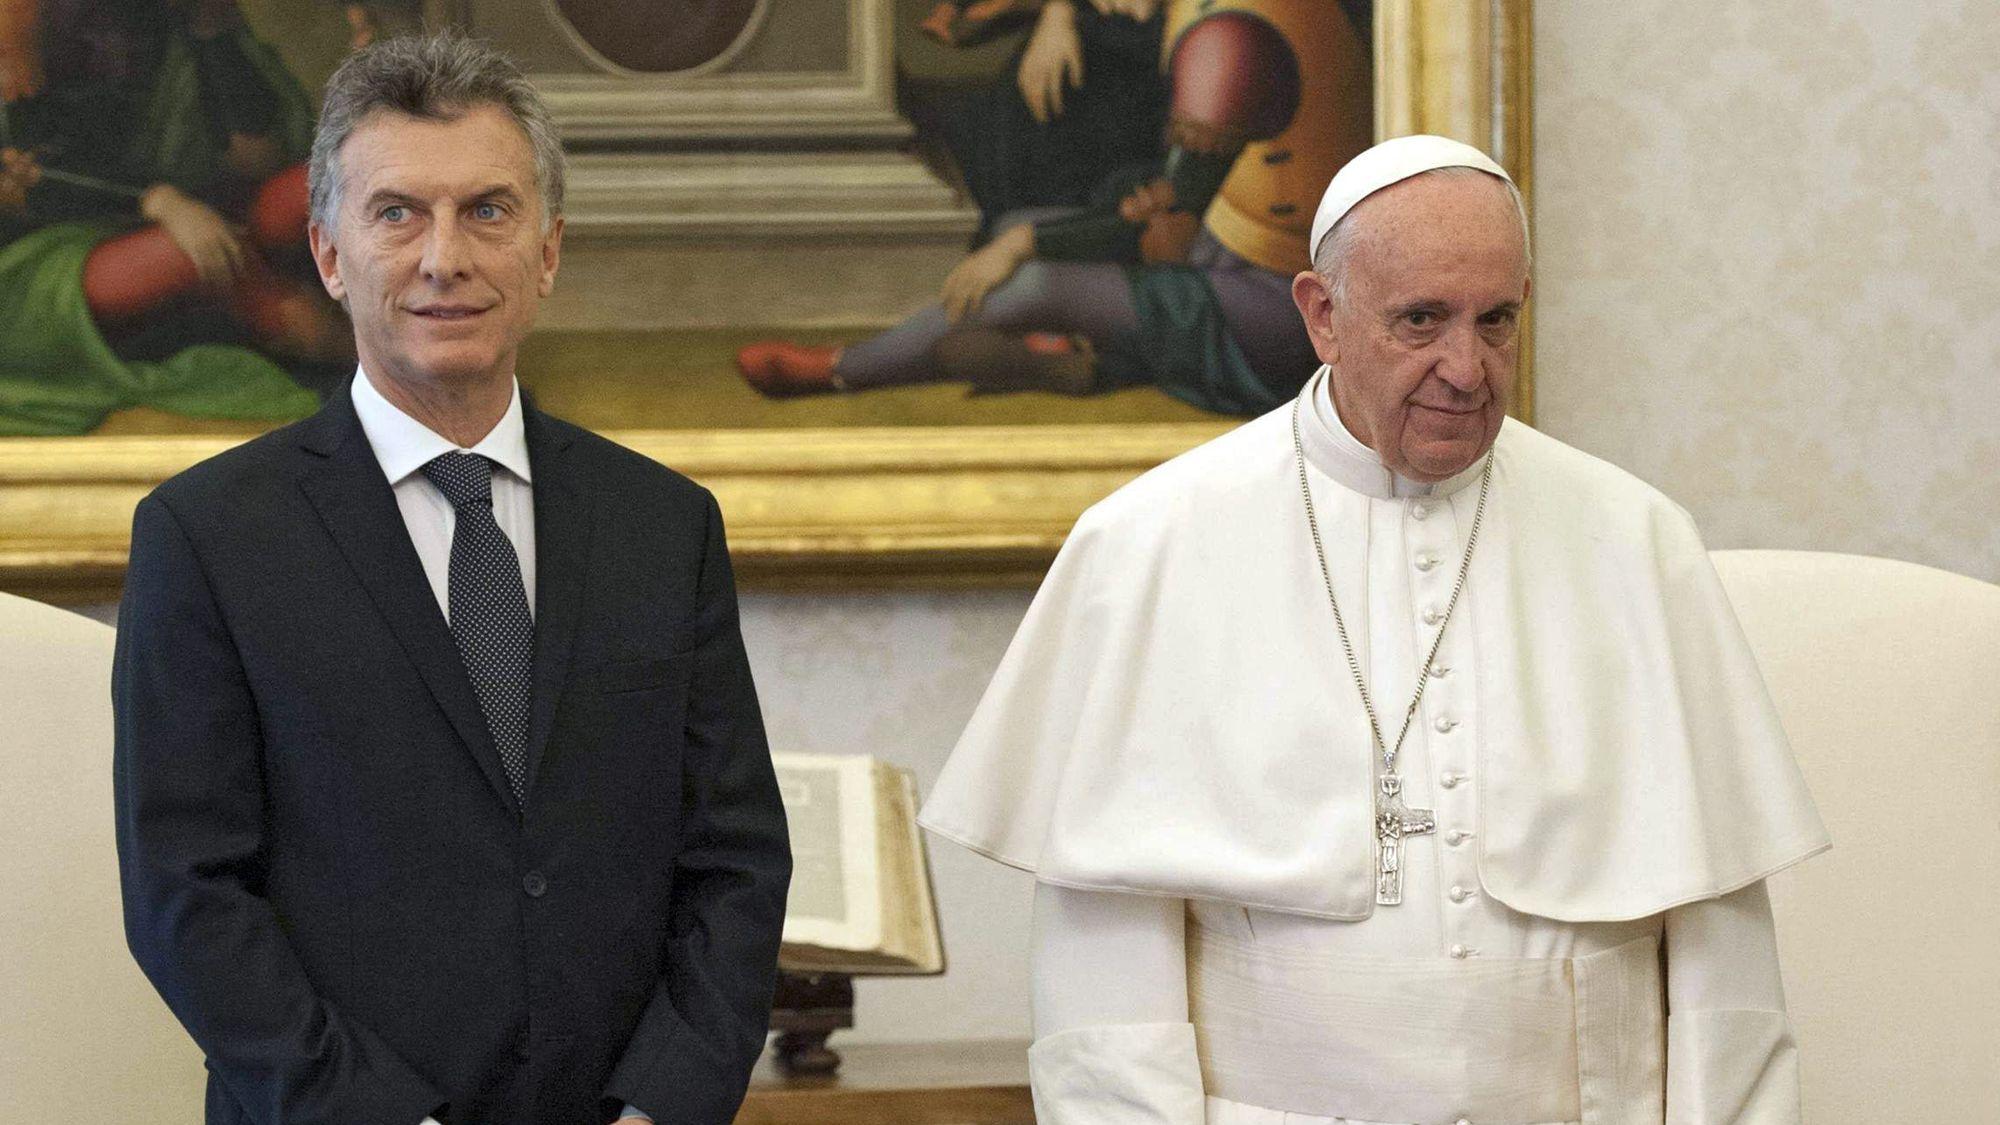 Tras la polémica, Macri y el Papa mantendrán una nueva reunión en Roma